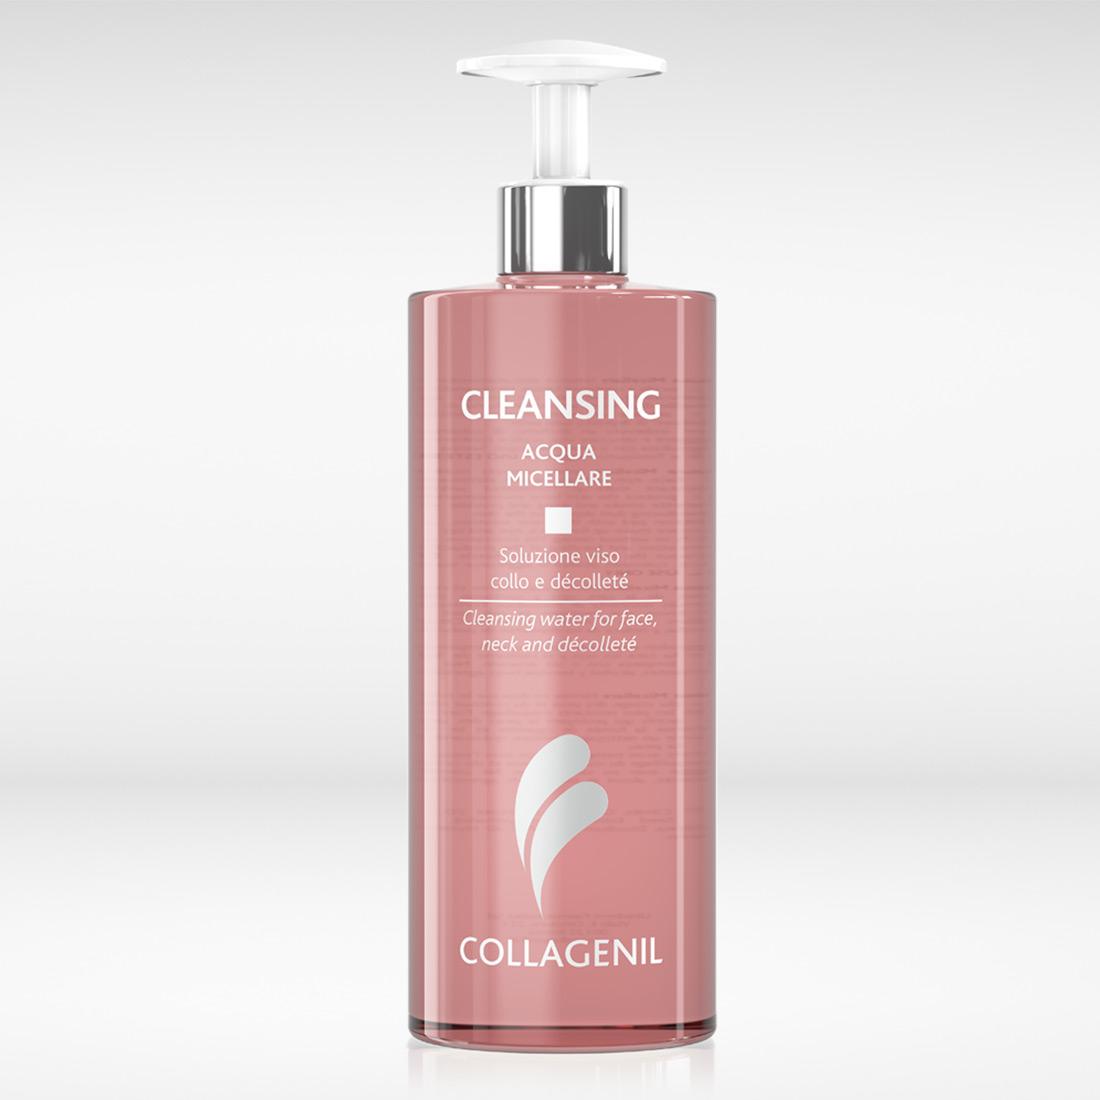 COLLAGENIL CLEANSING ACQUA MICELLARE 400ML - Iltuobenessereonline.it